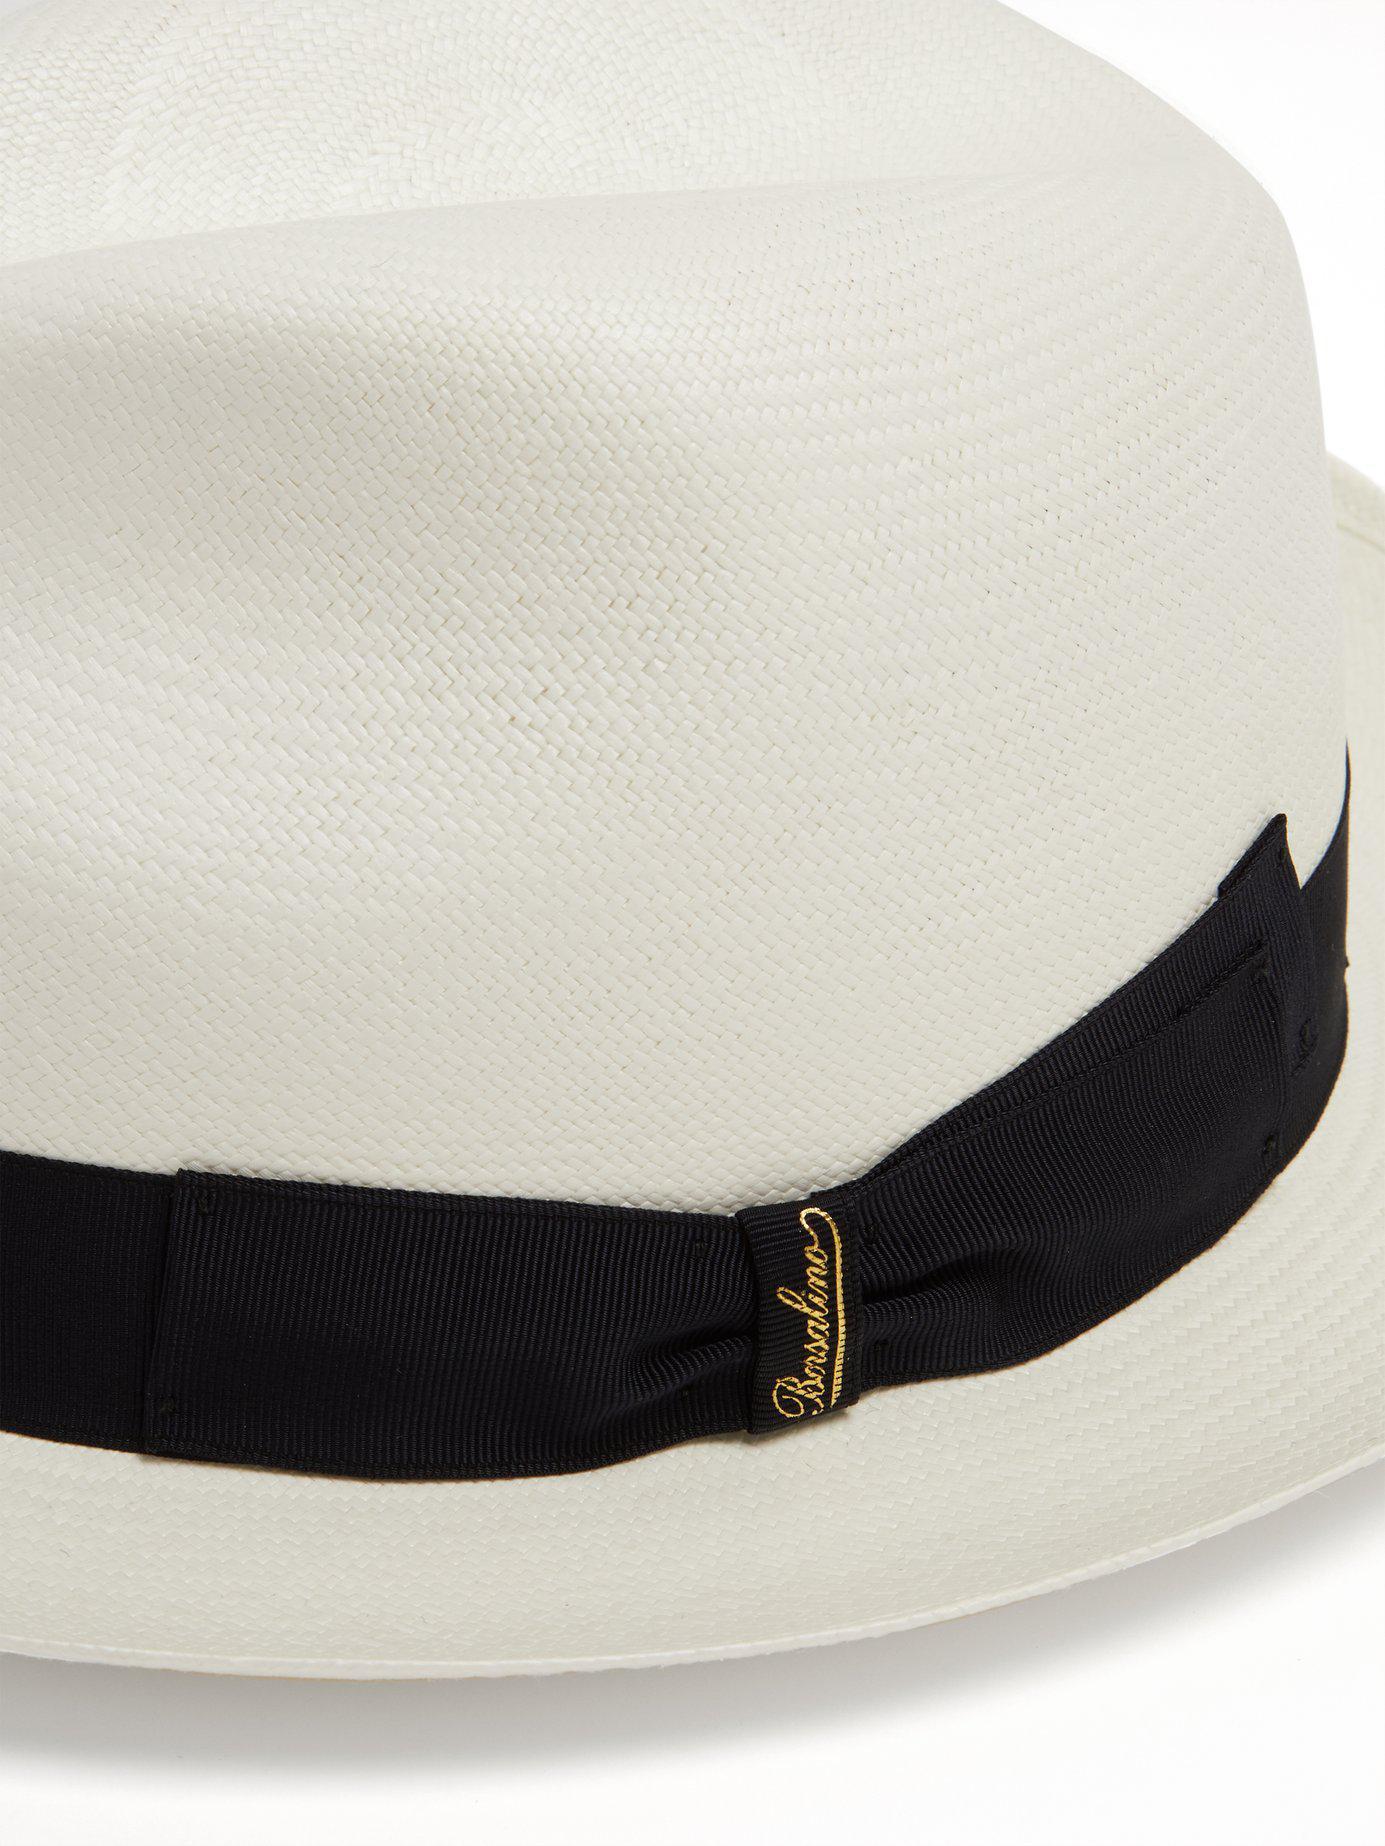 Lyst - Borsalino Fine Panama Hat in Black for Men 6cafa1cc80e4